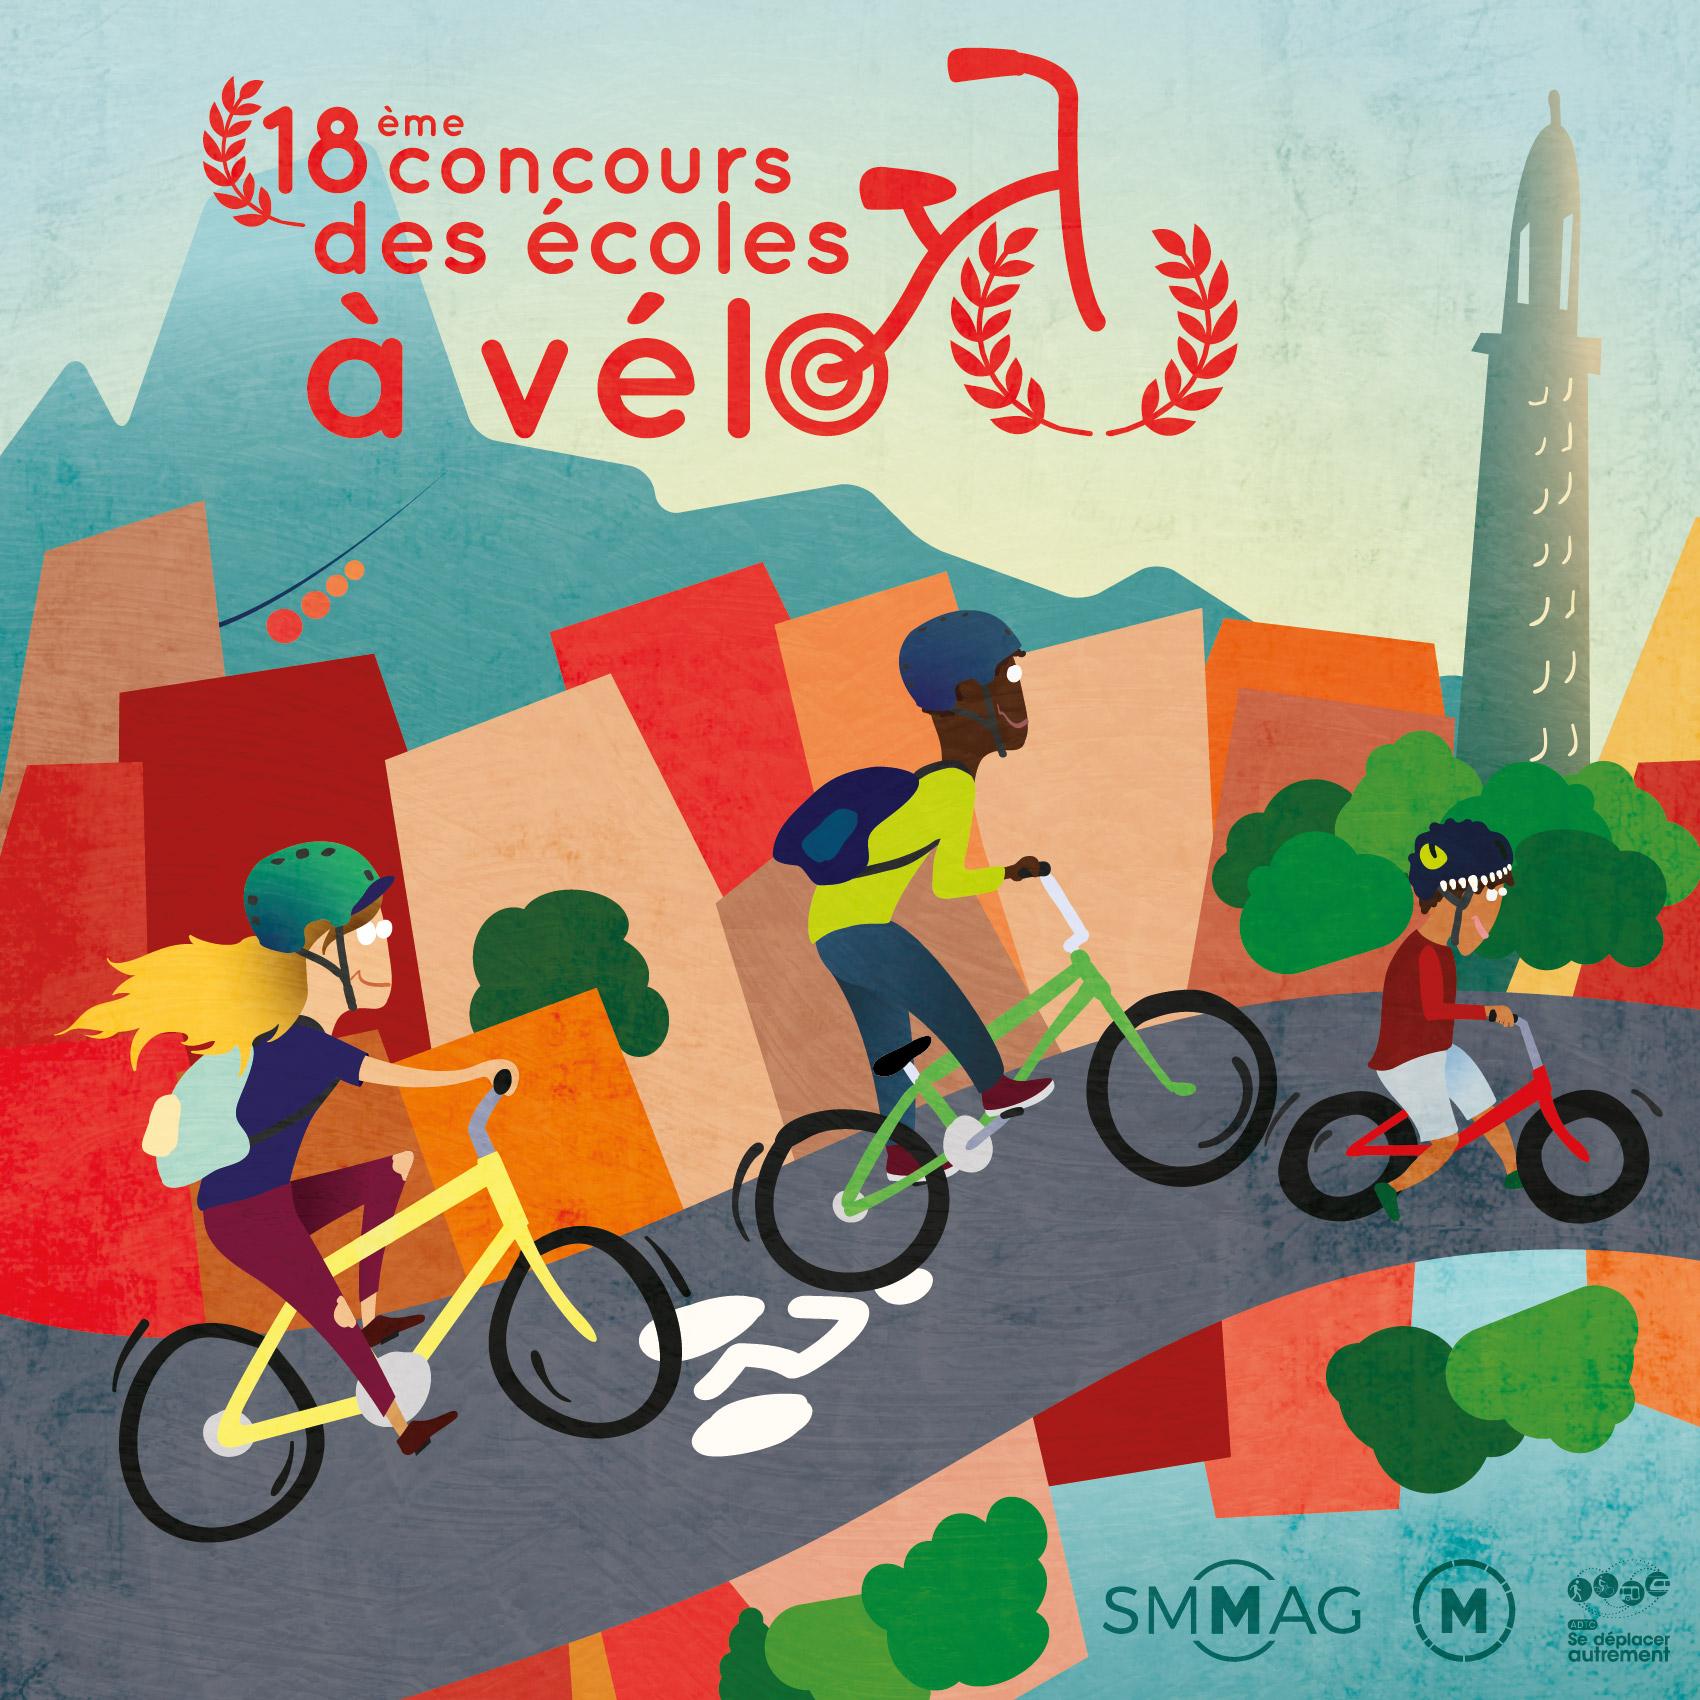 18ème concours des écoles à vélo, des résultats impressionnants